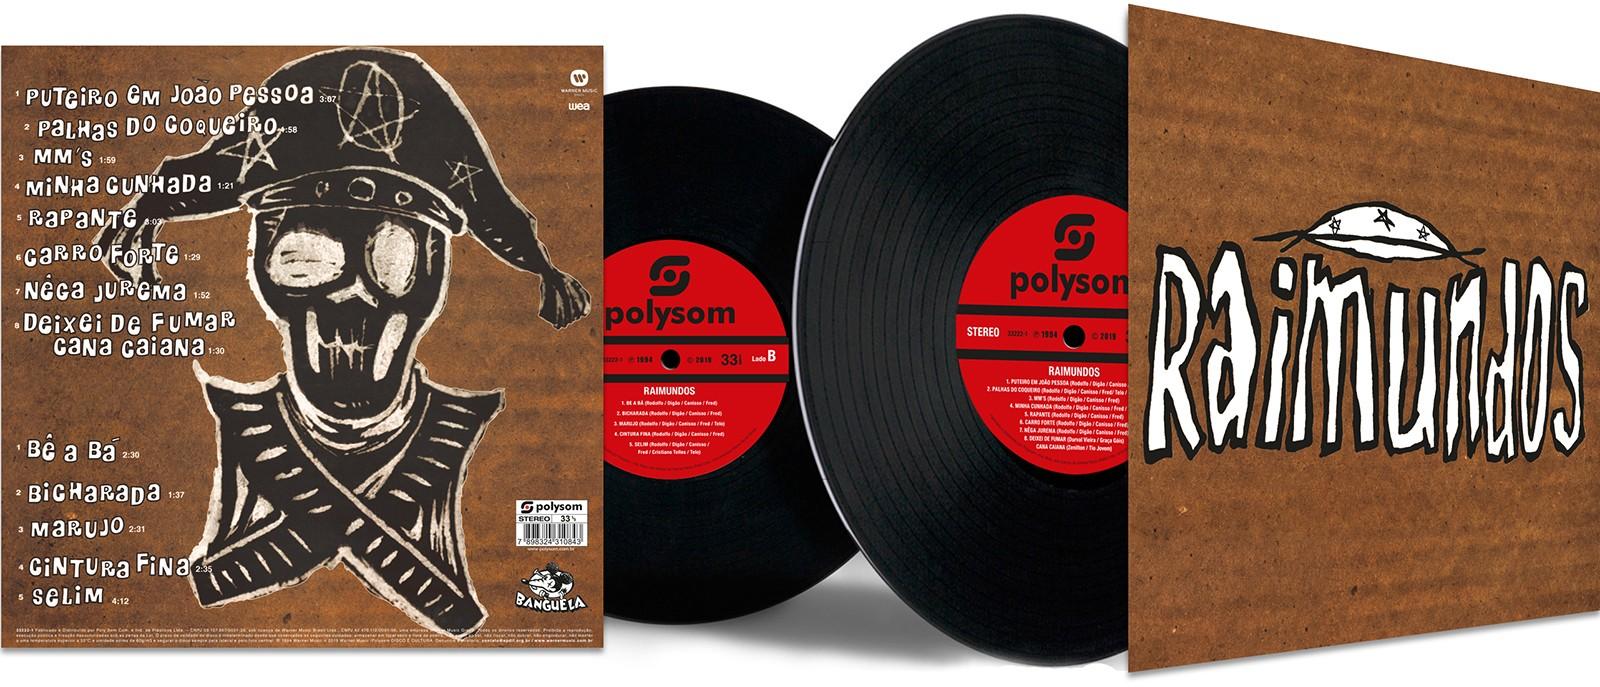 Primeiro álbum dos Raimundos é editado em LP com status de ter apontado tendência do rock brasileiro nos anos 1990 - Notícias - Plantão Diário